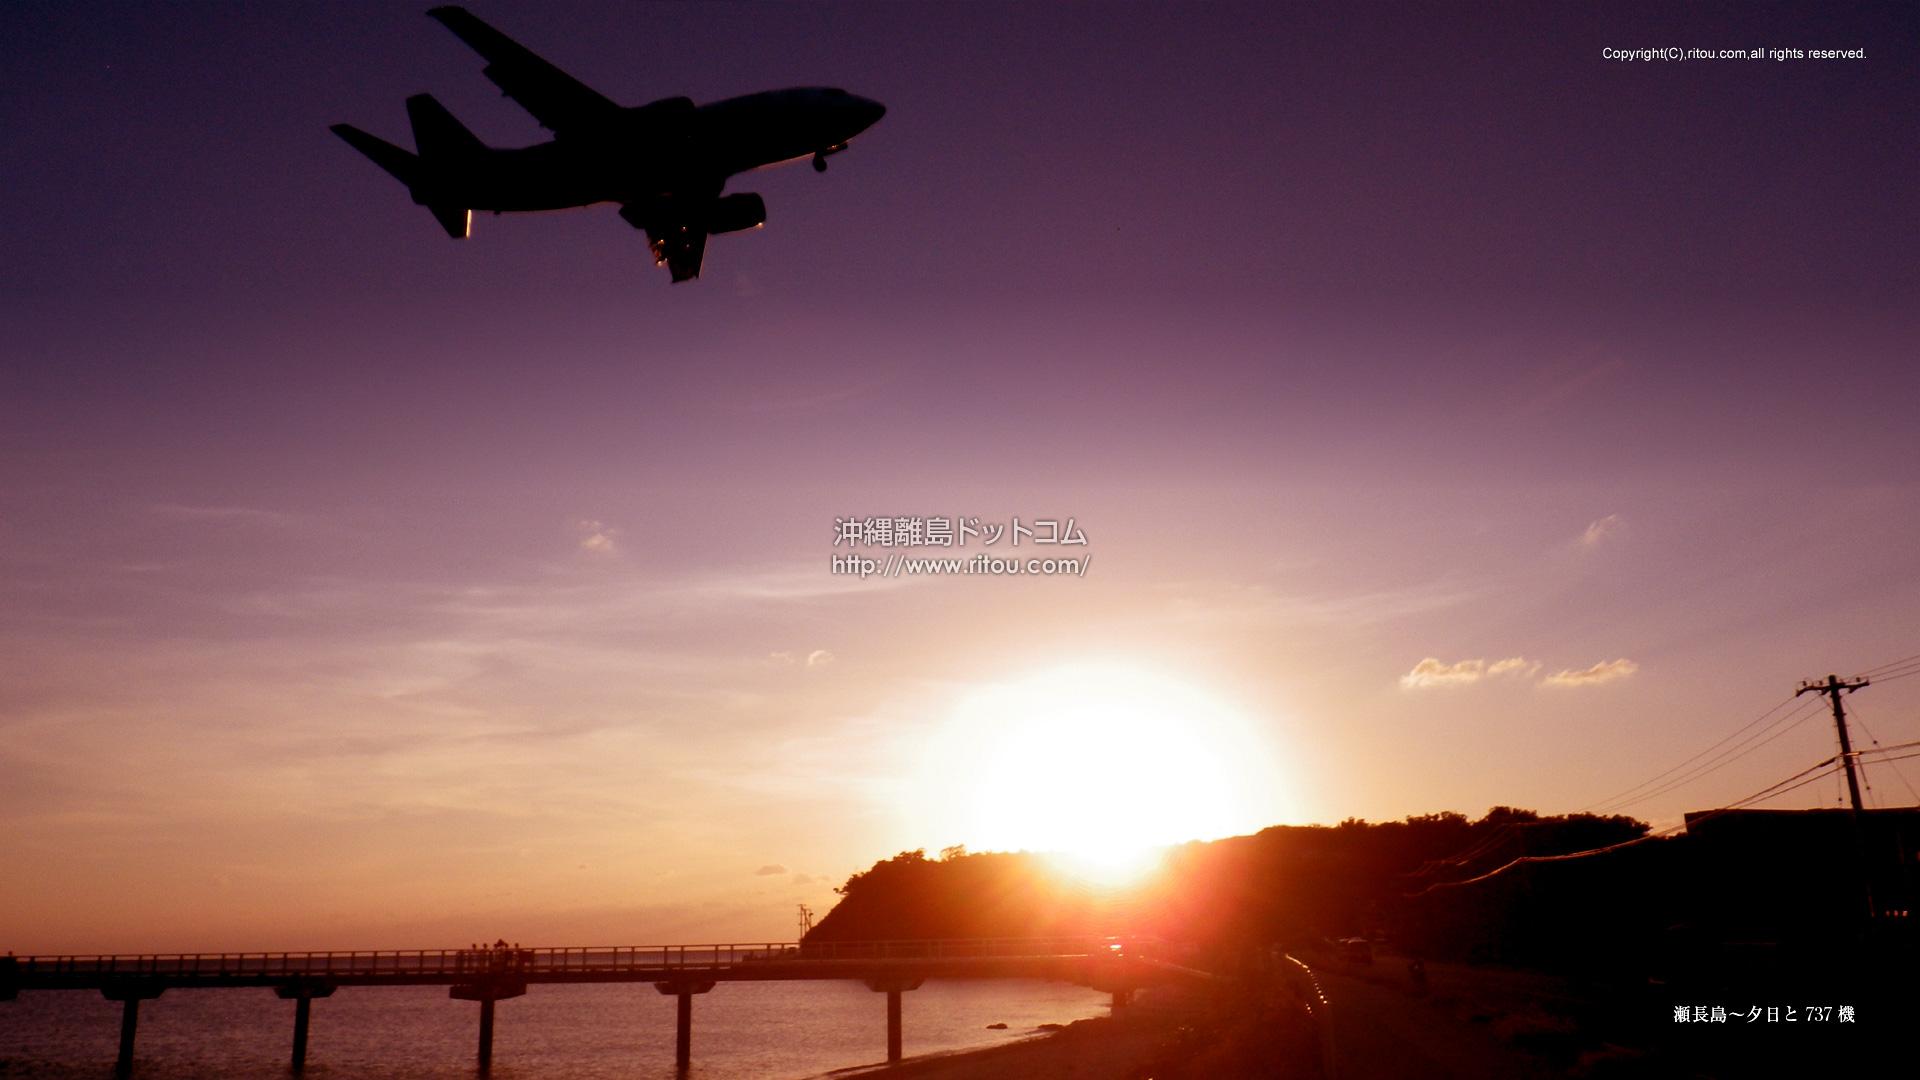 瀬長島〜夕日と737機